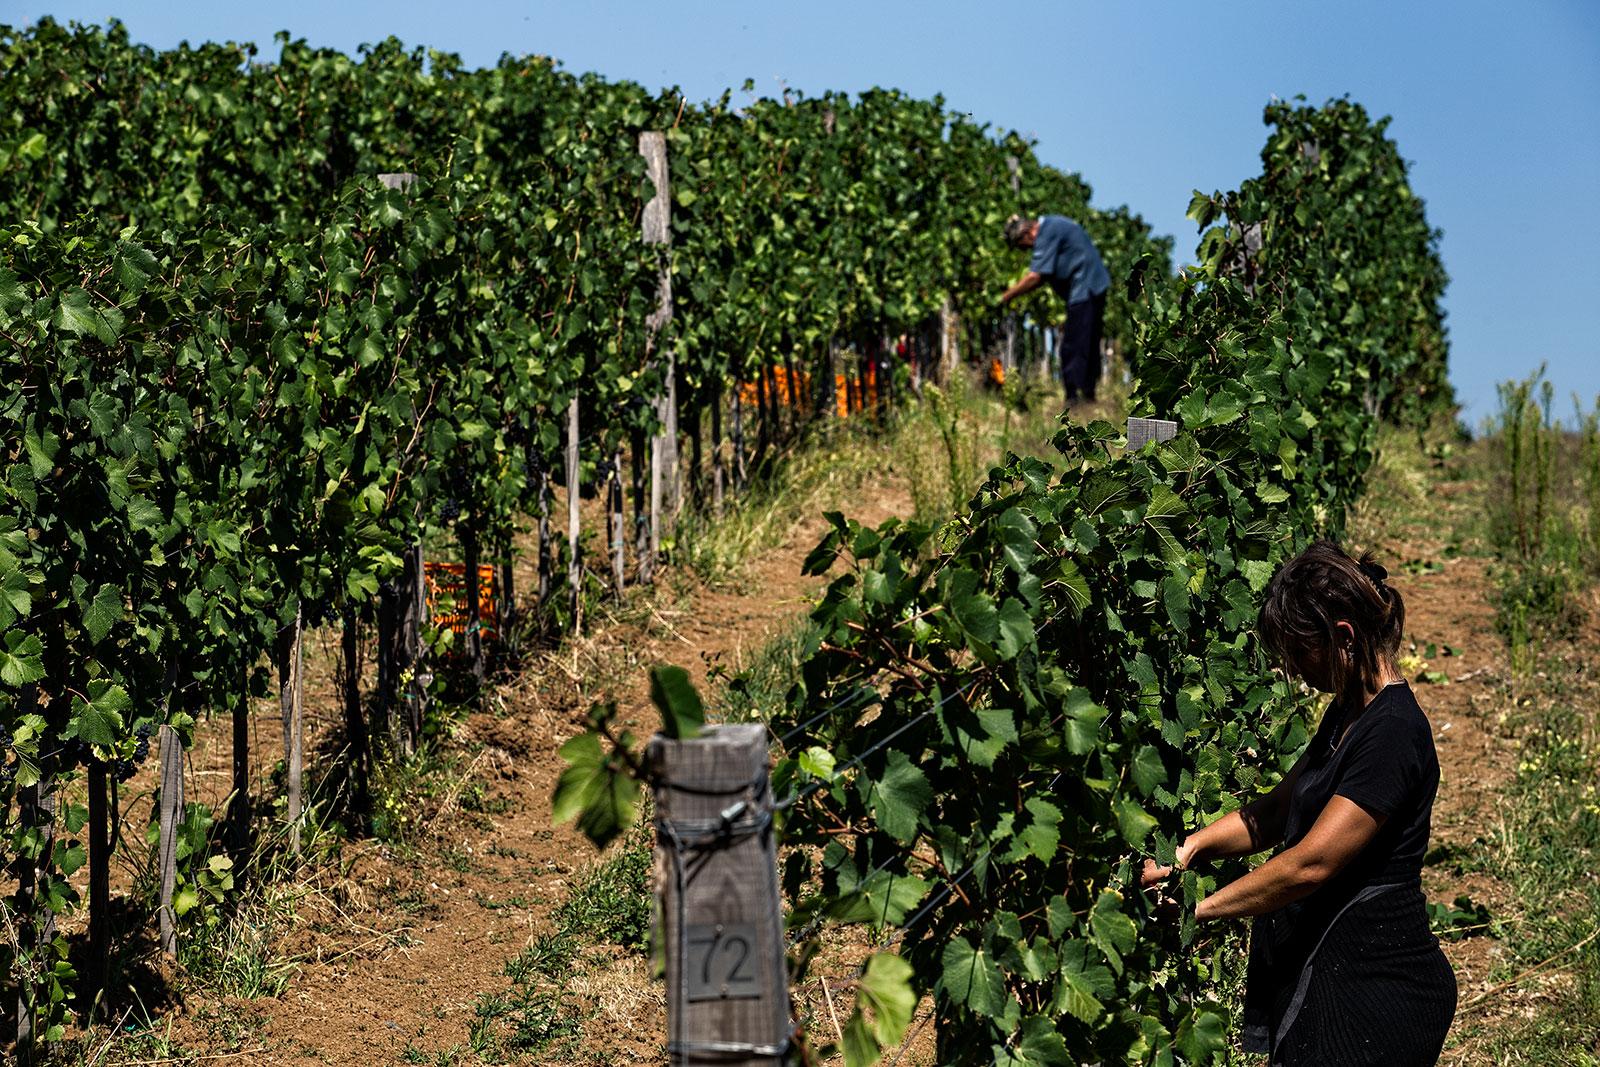 Vinarija Lastar Berba Vinograd